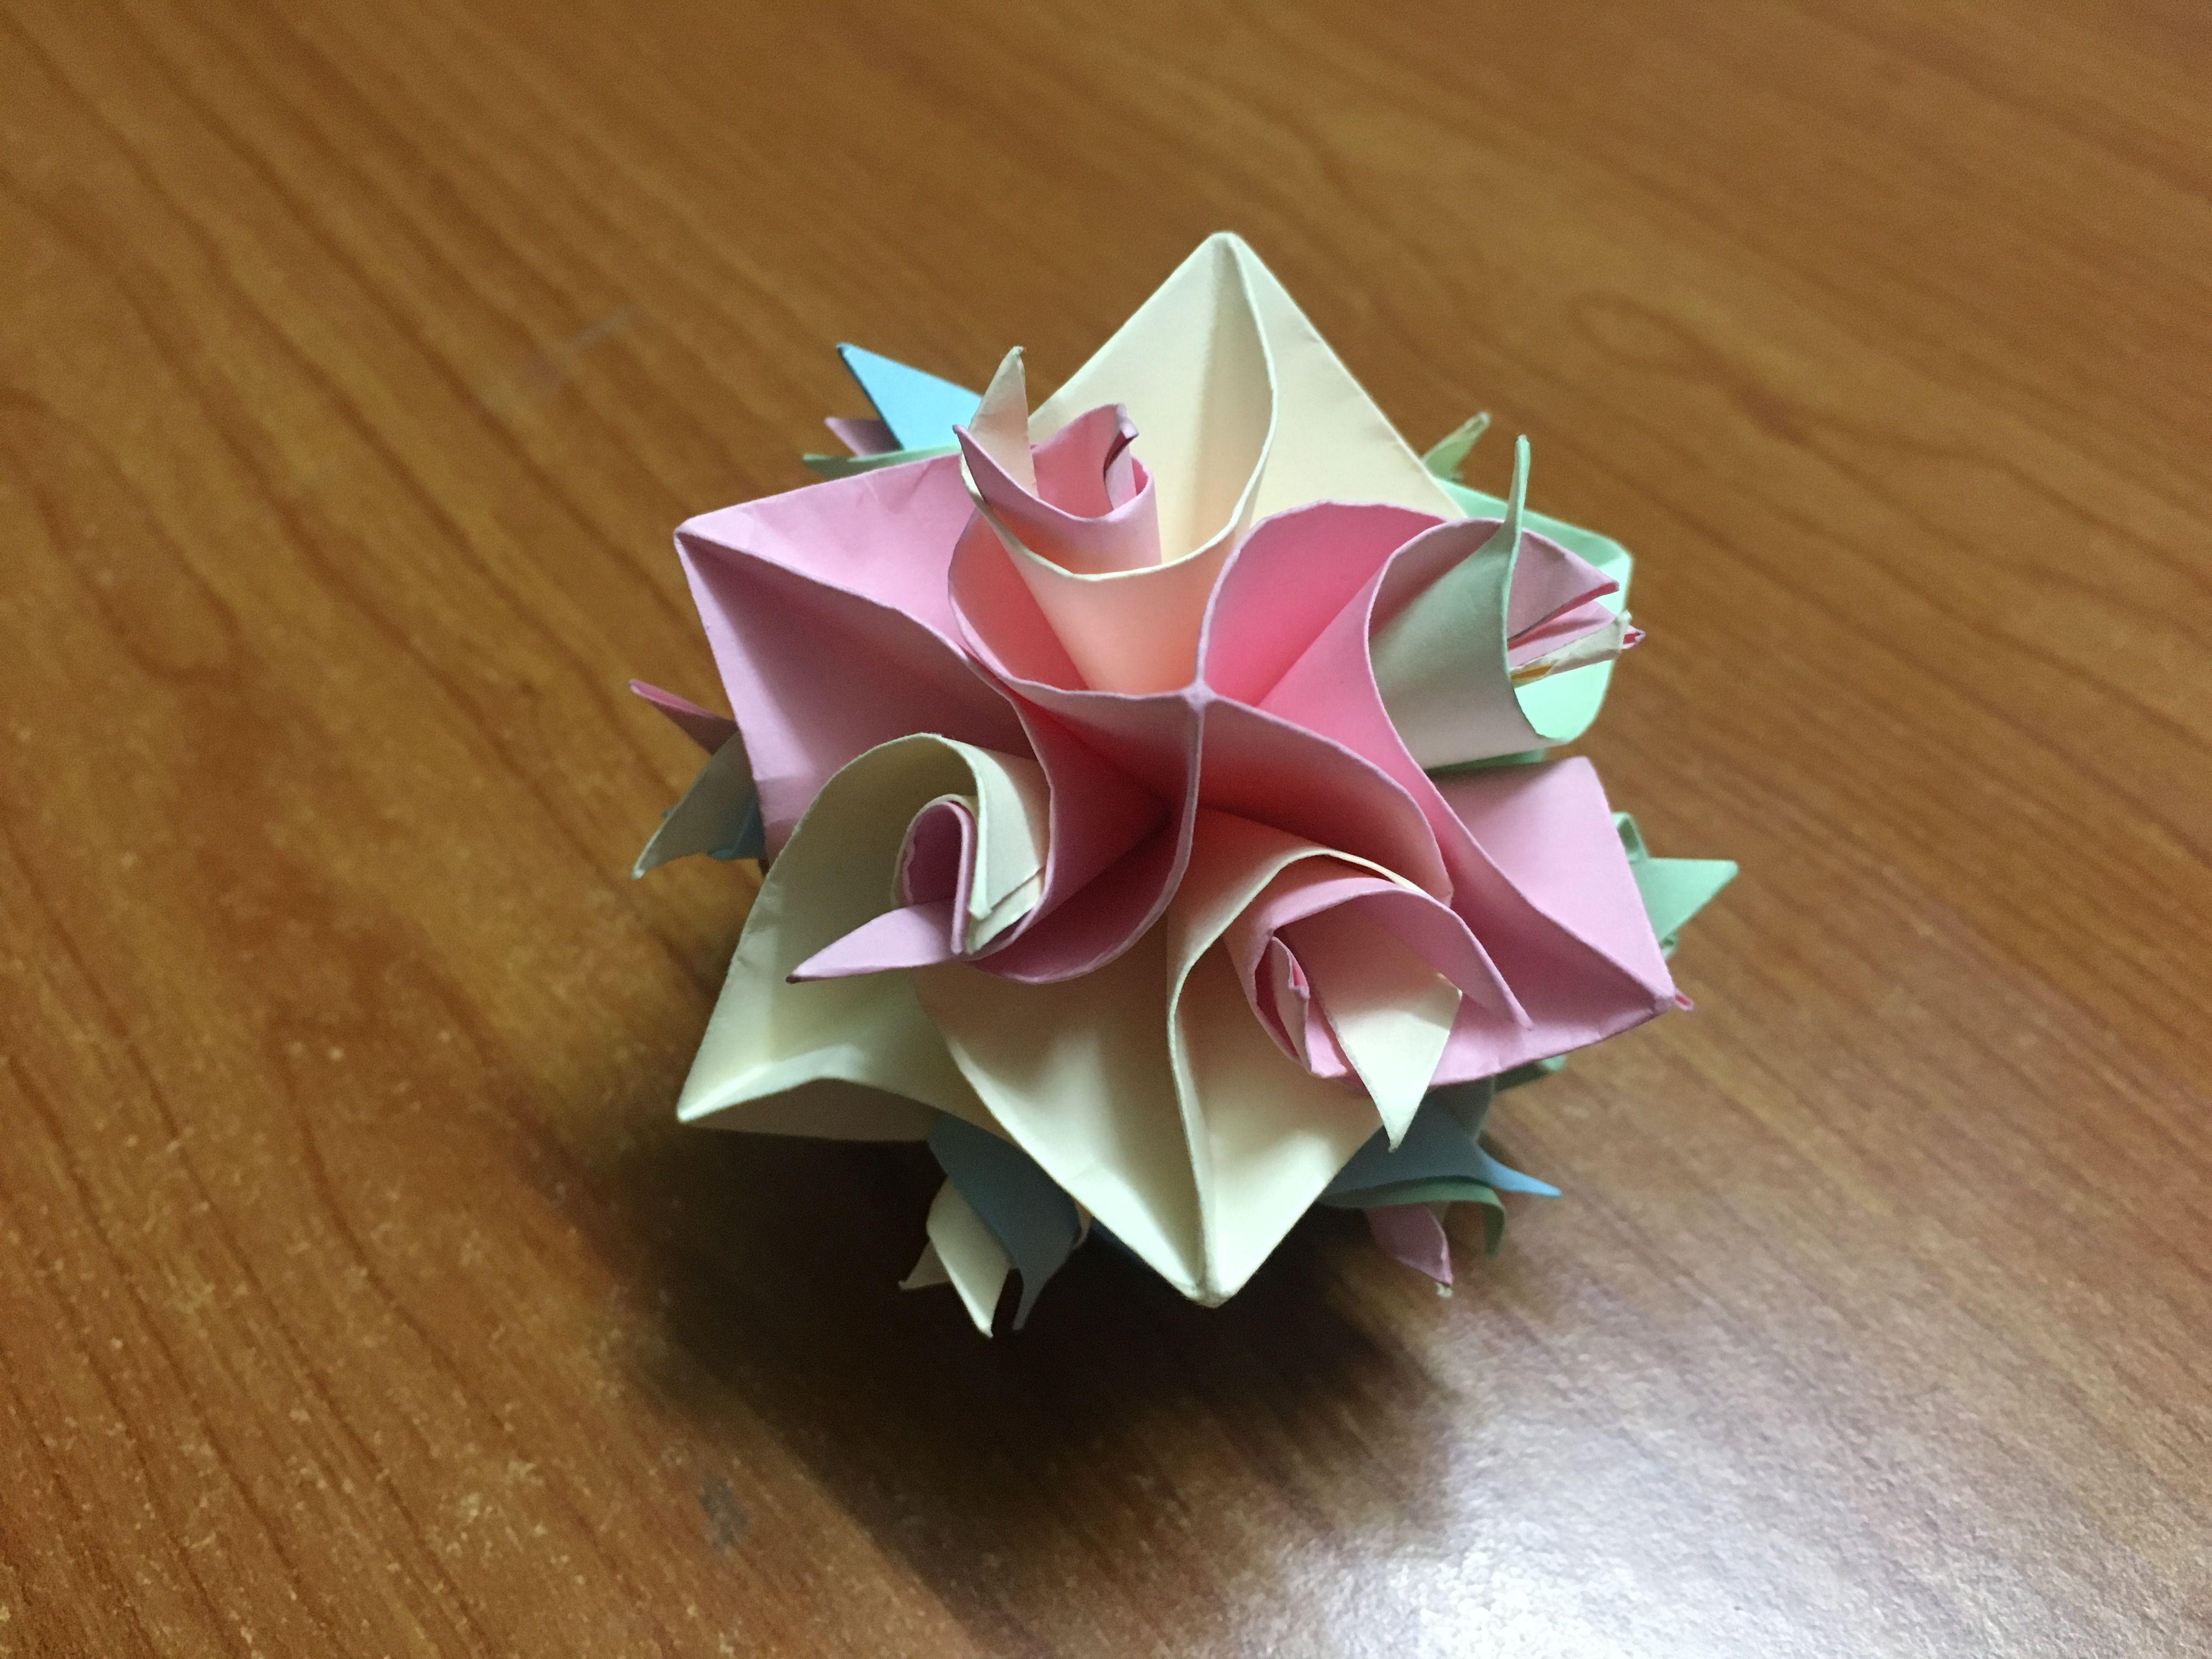 How To Make Origami Curler Cuboctahedron Diy Craft Flower Paper